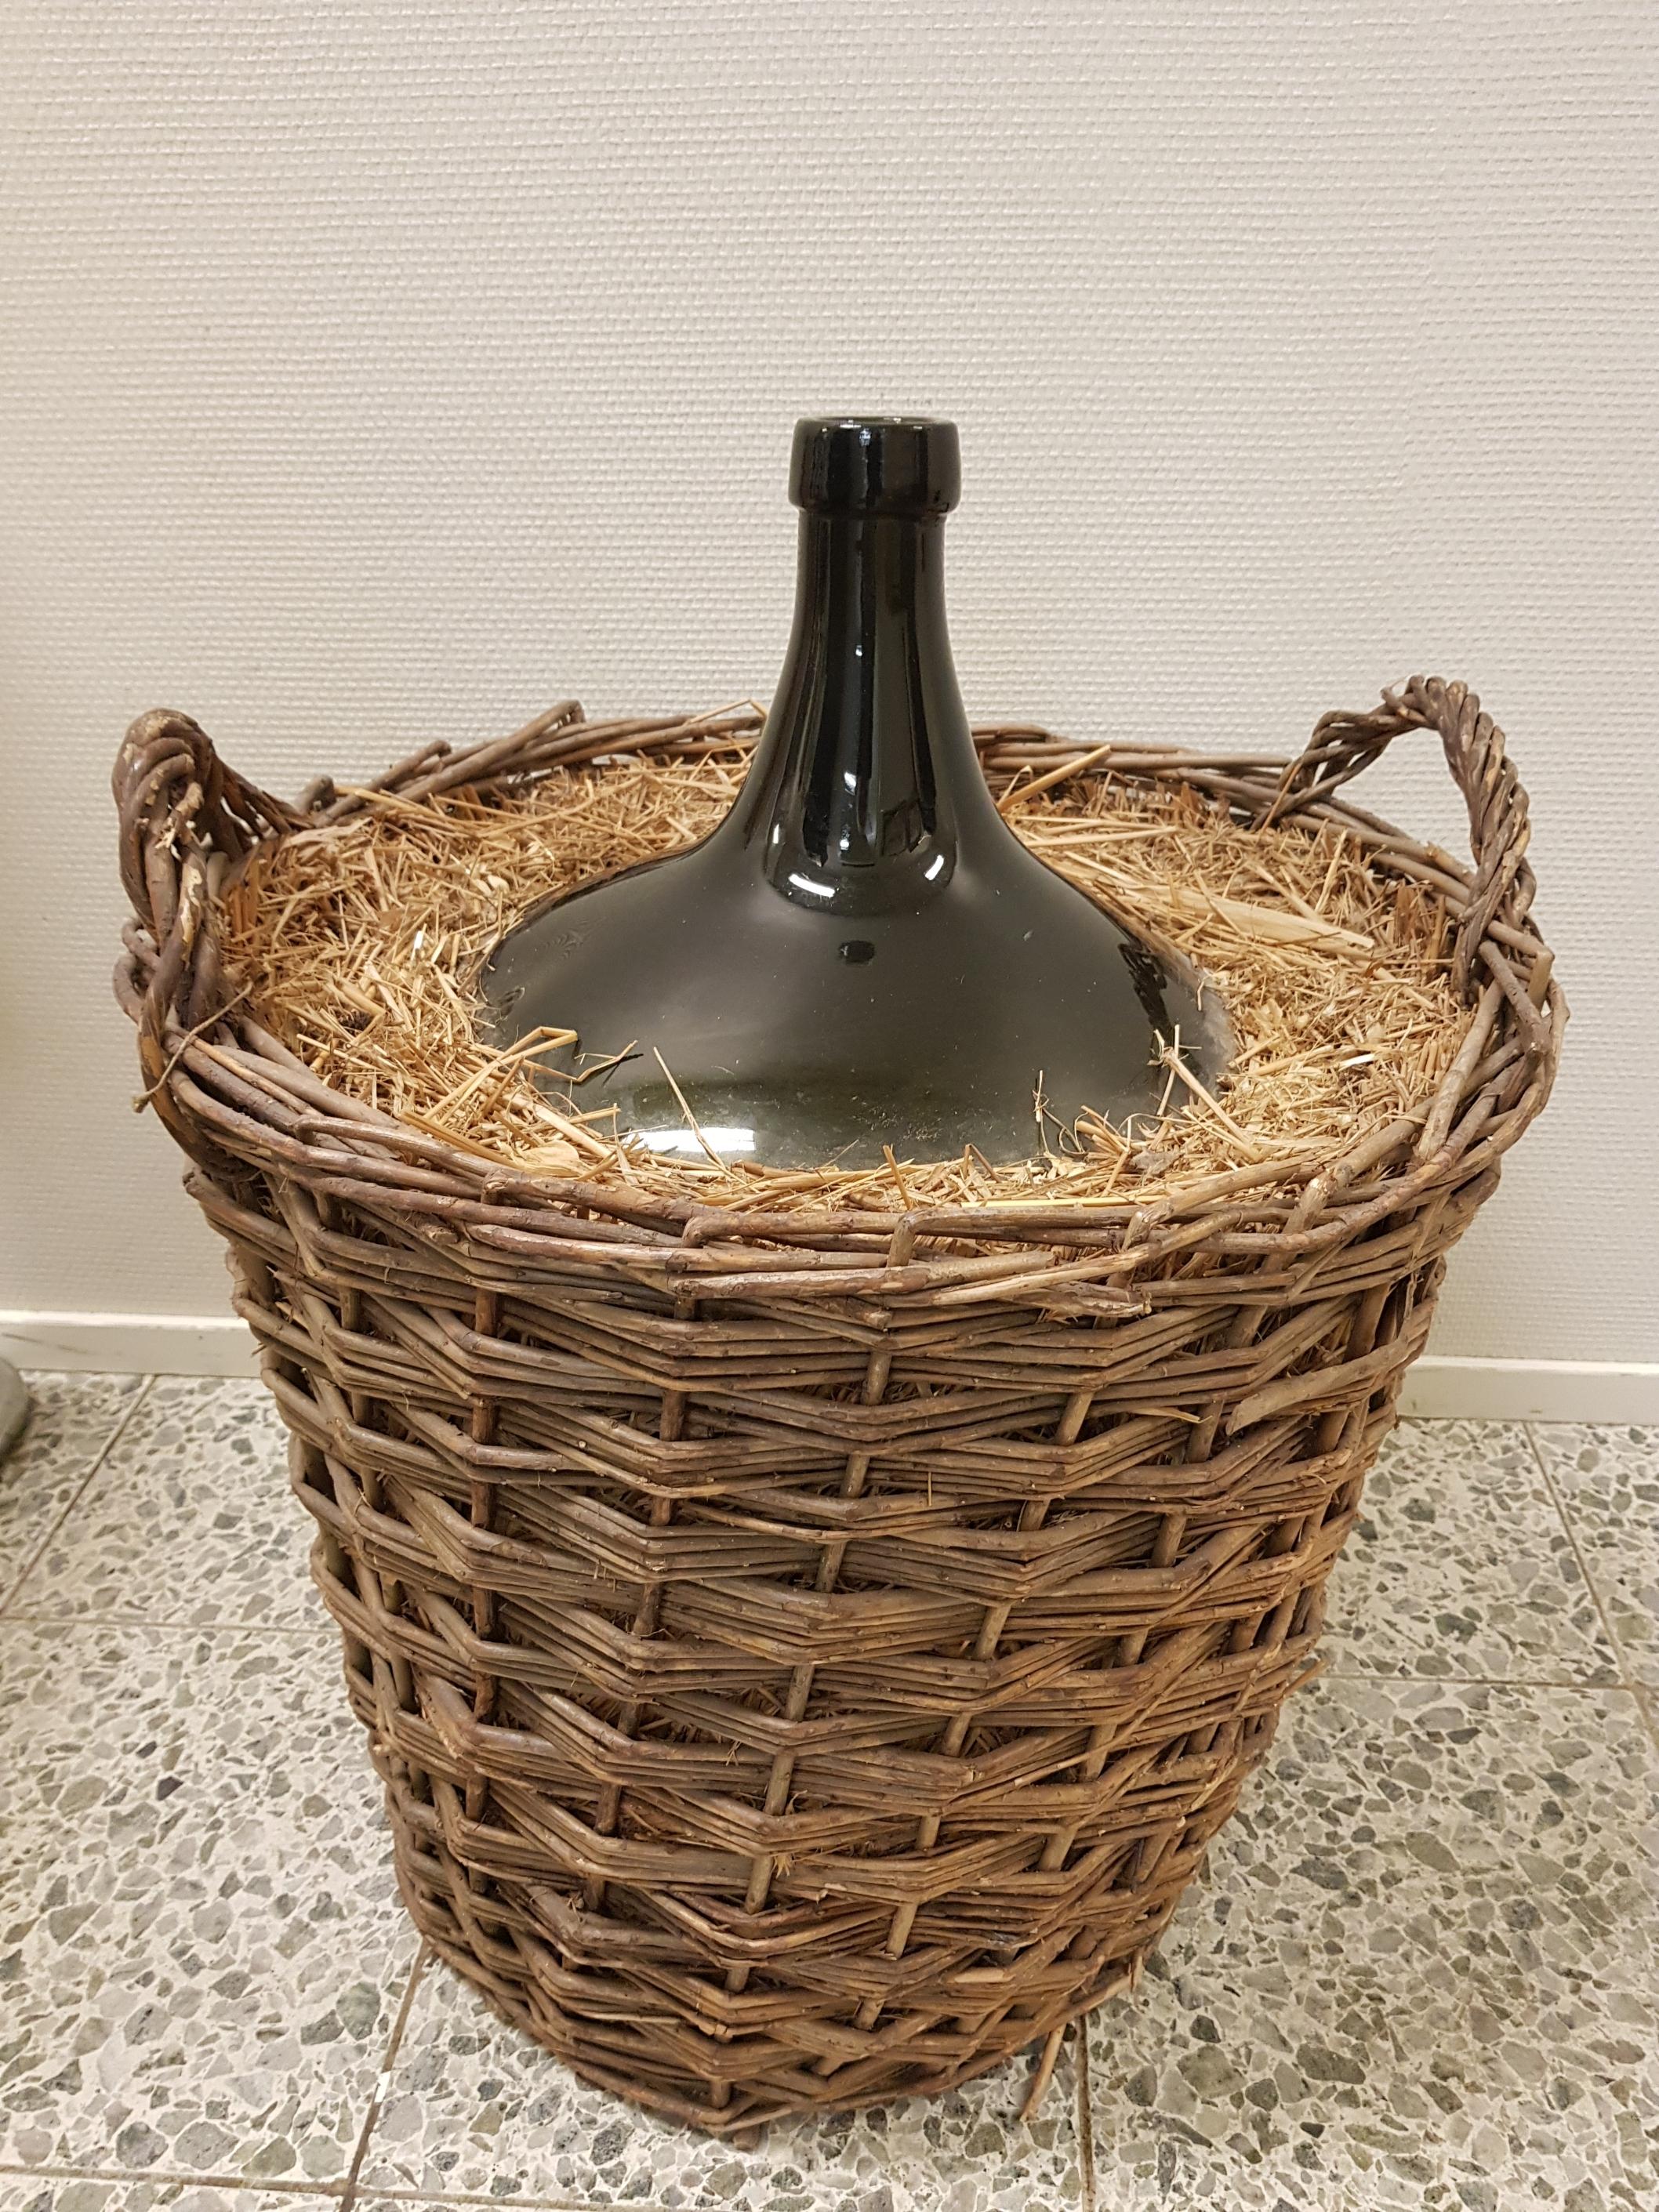 Vanha aiv pullo korissa